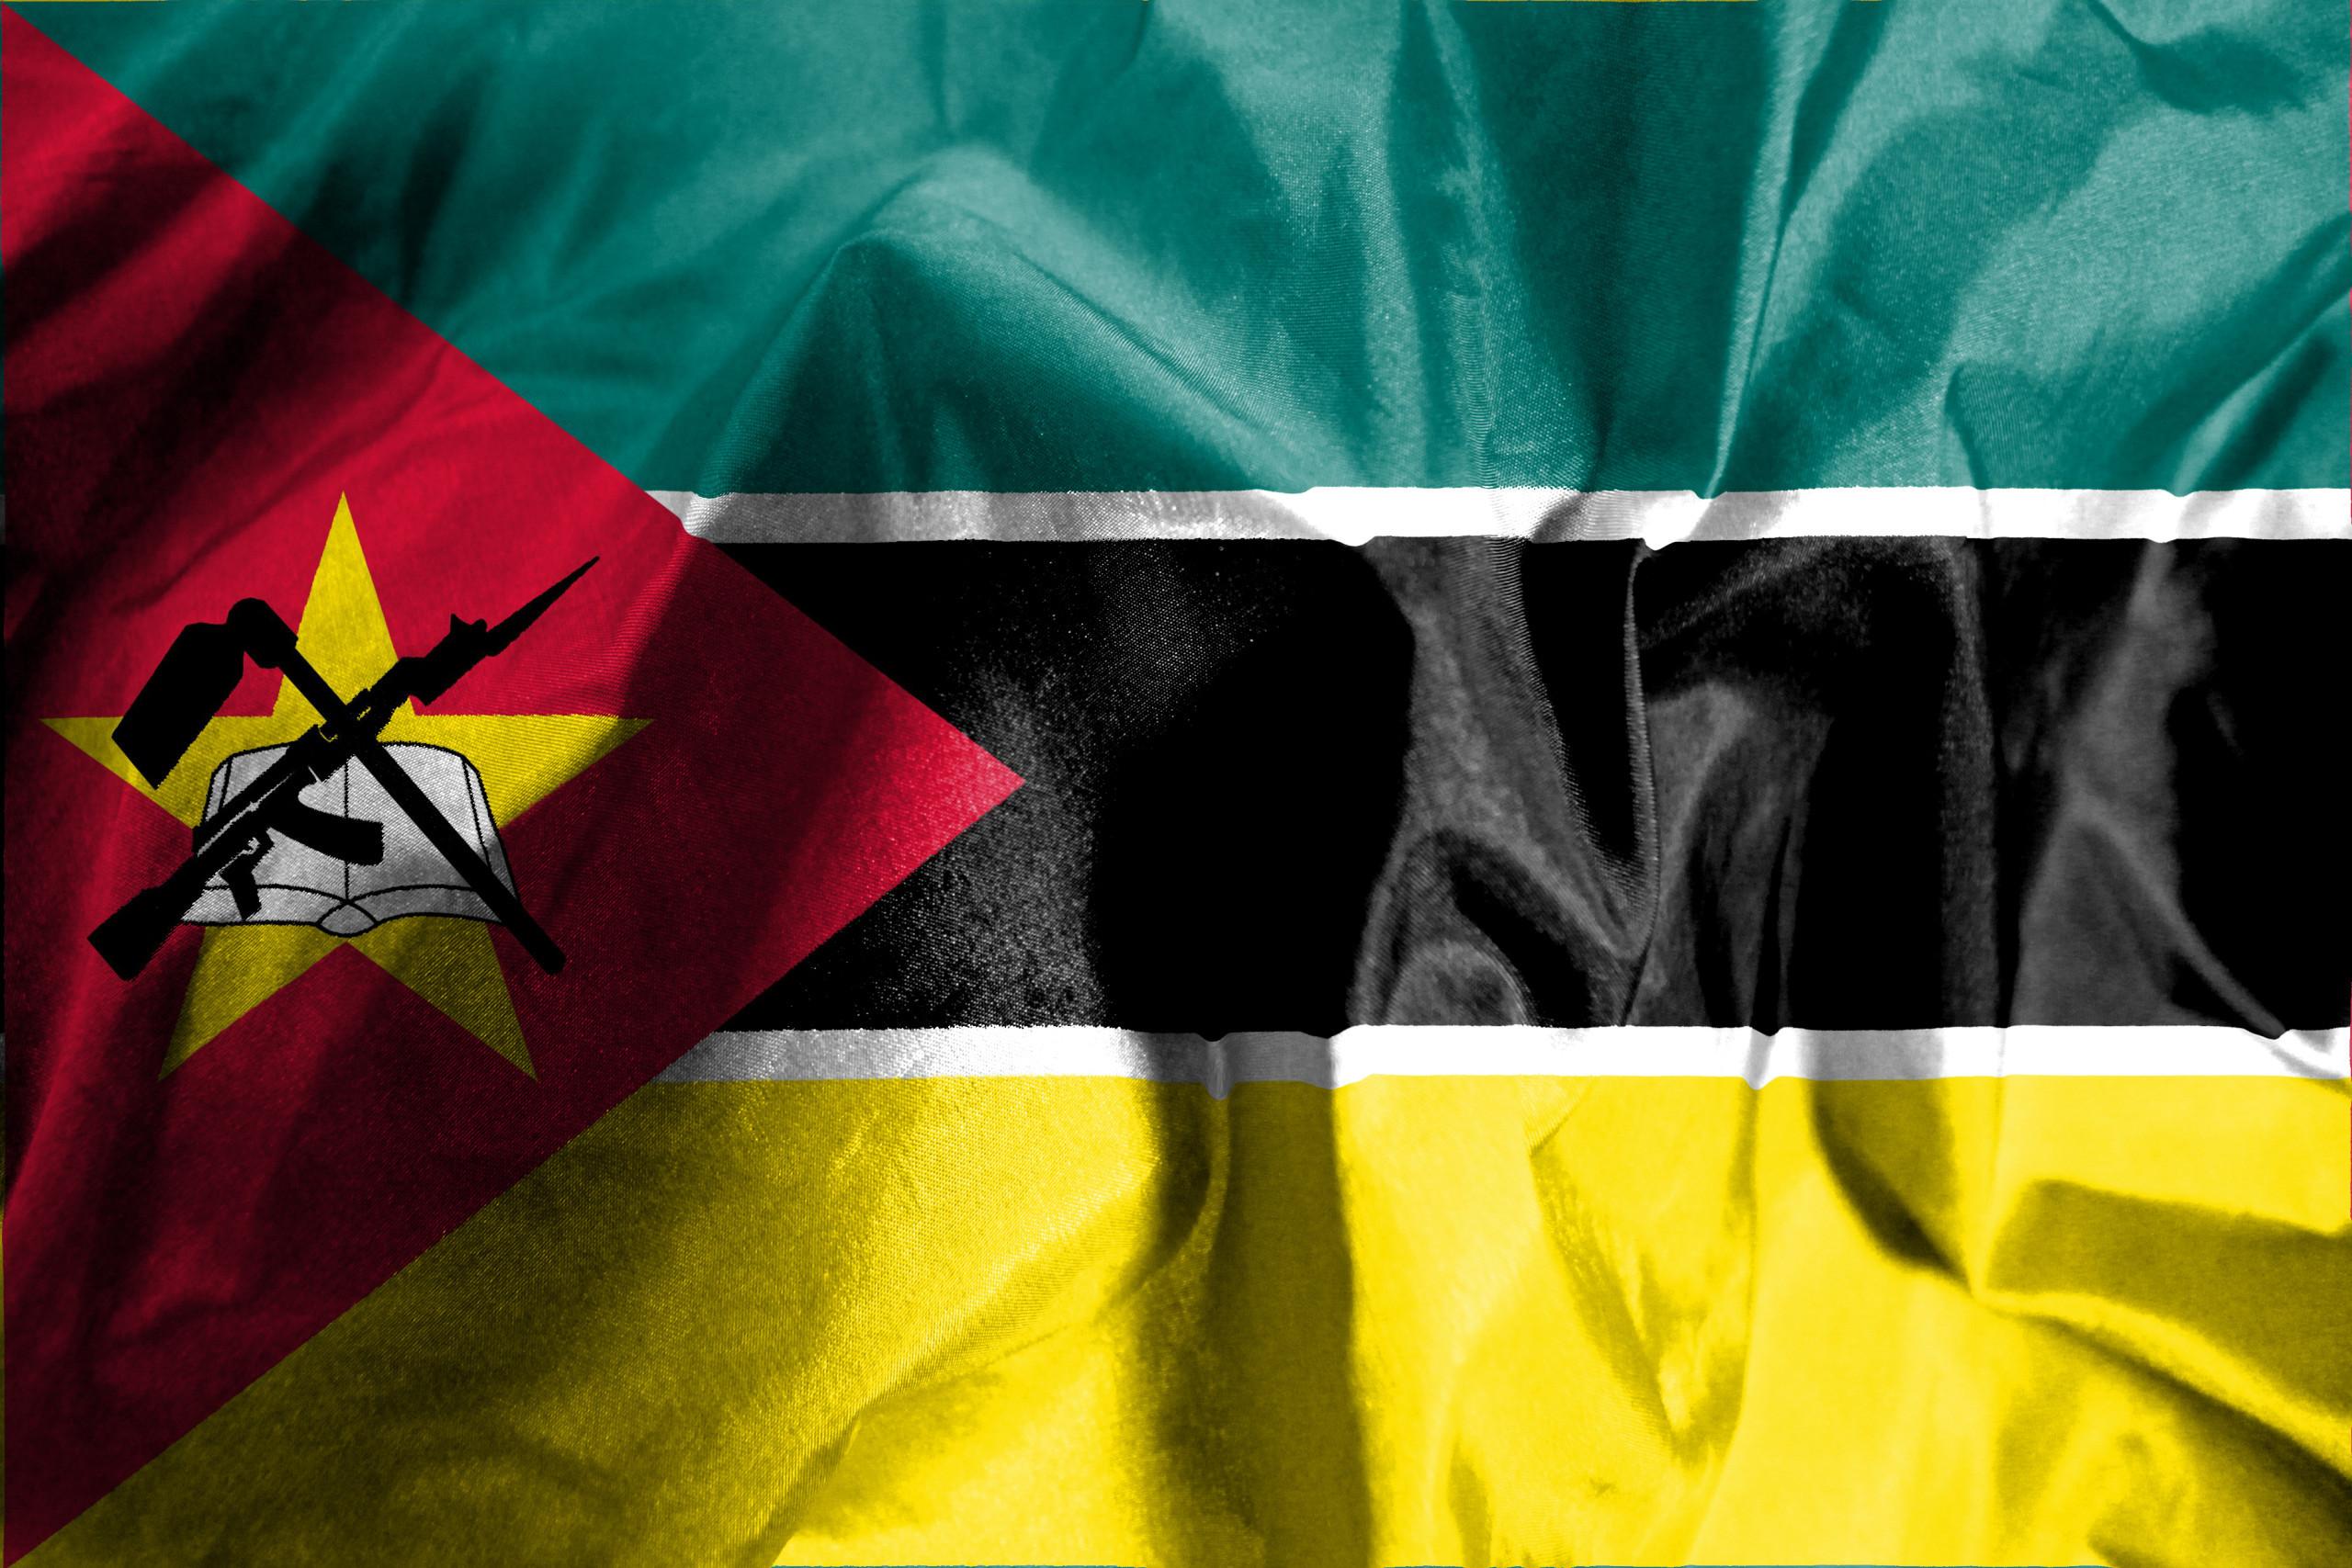 Moçambique constituiu 339 arguidos em processos ligados a ataques armados